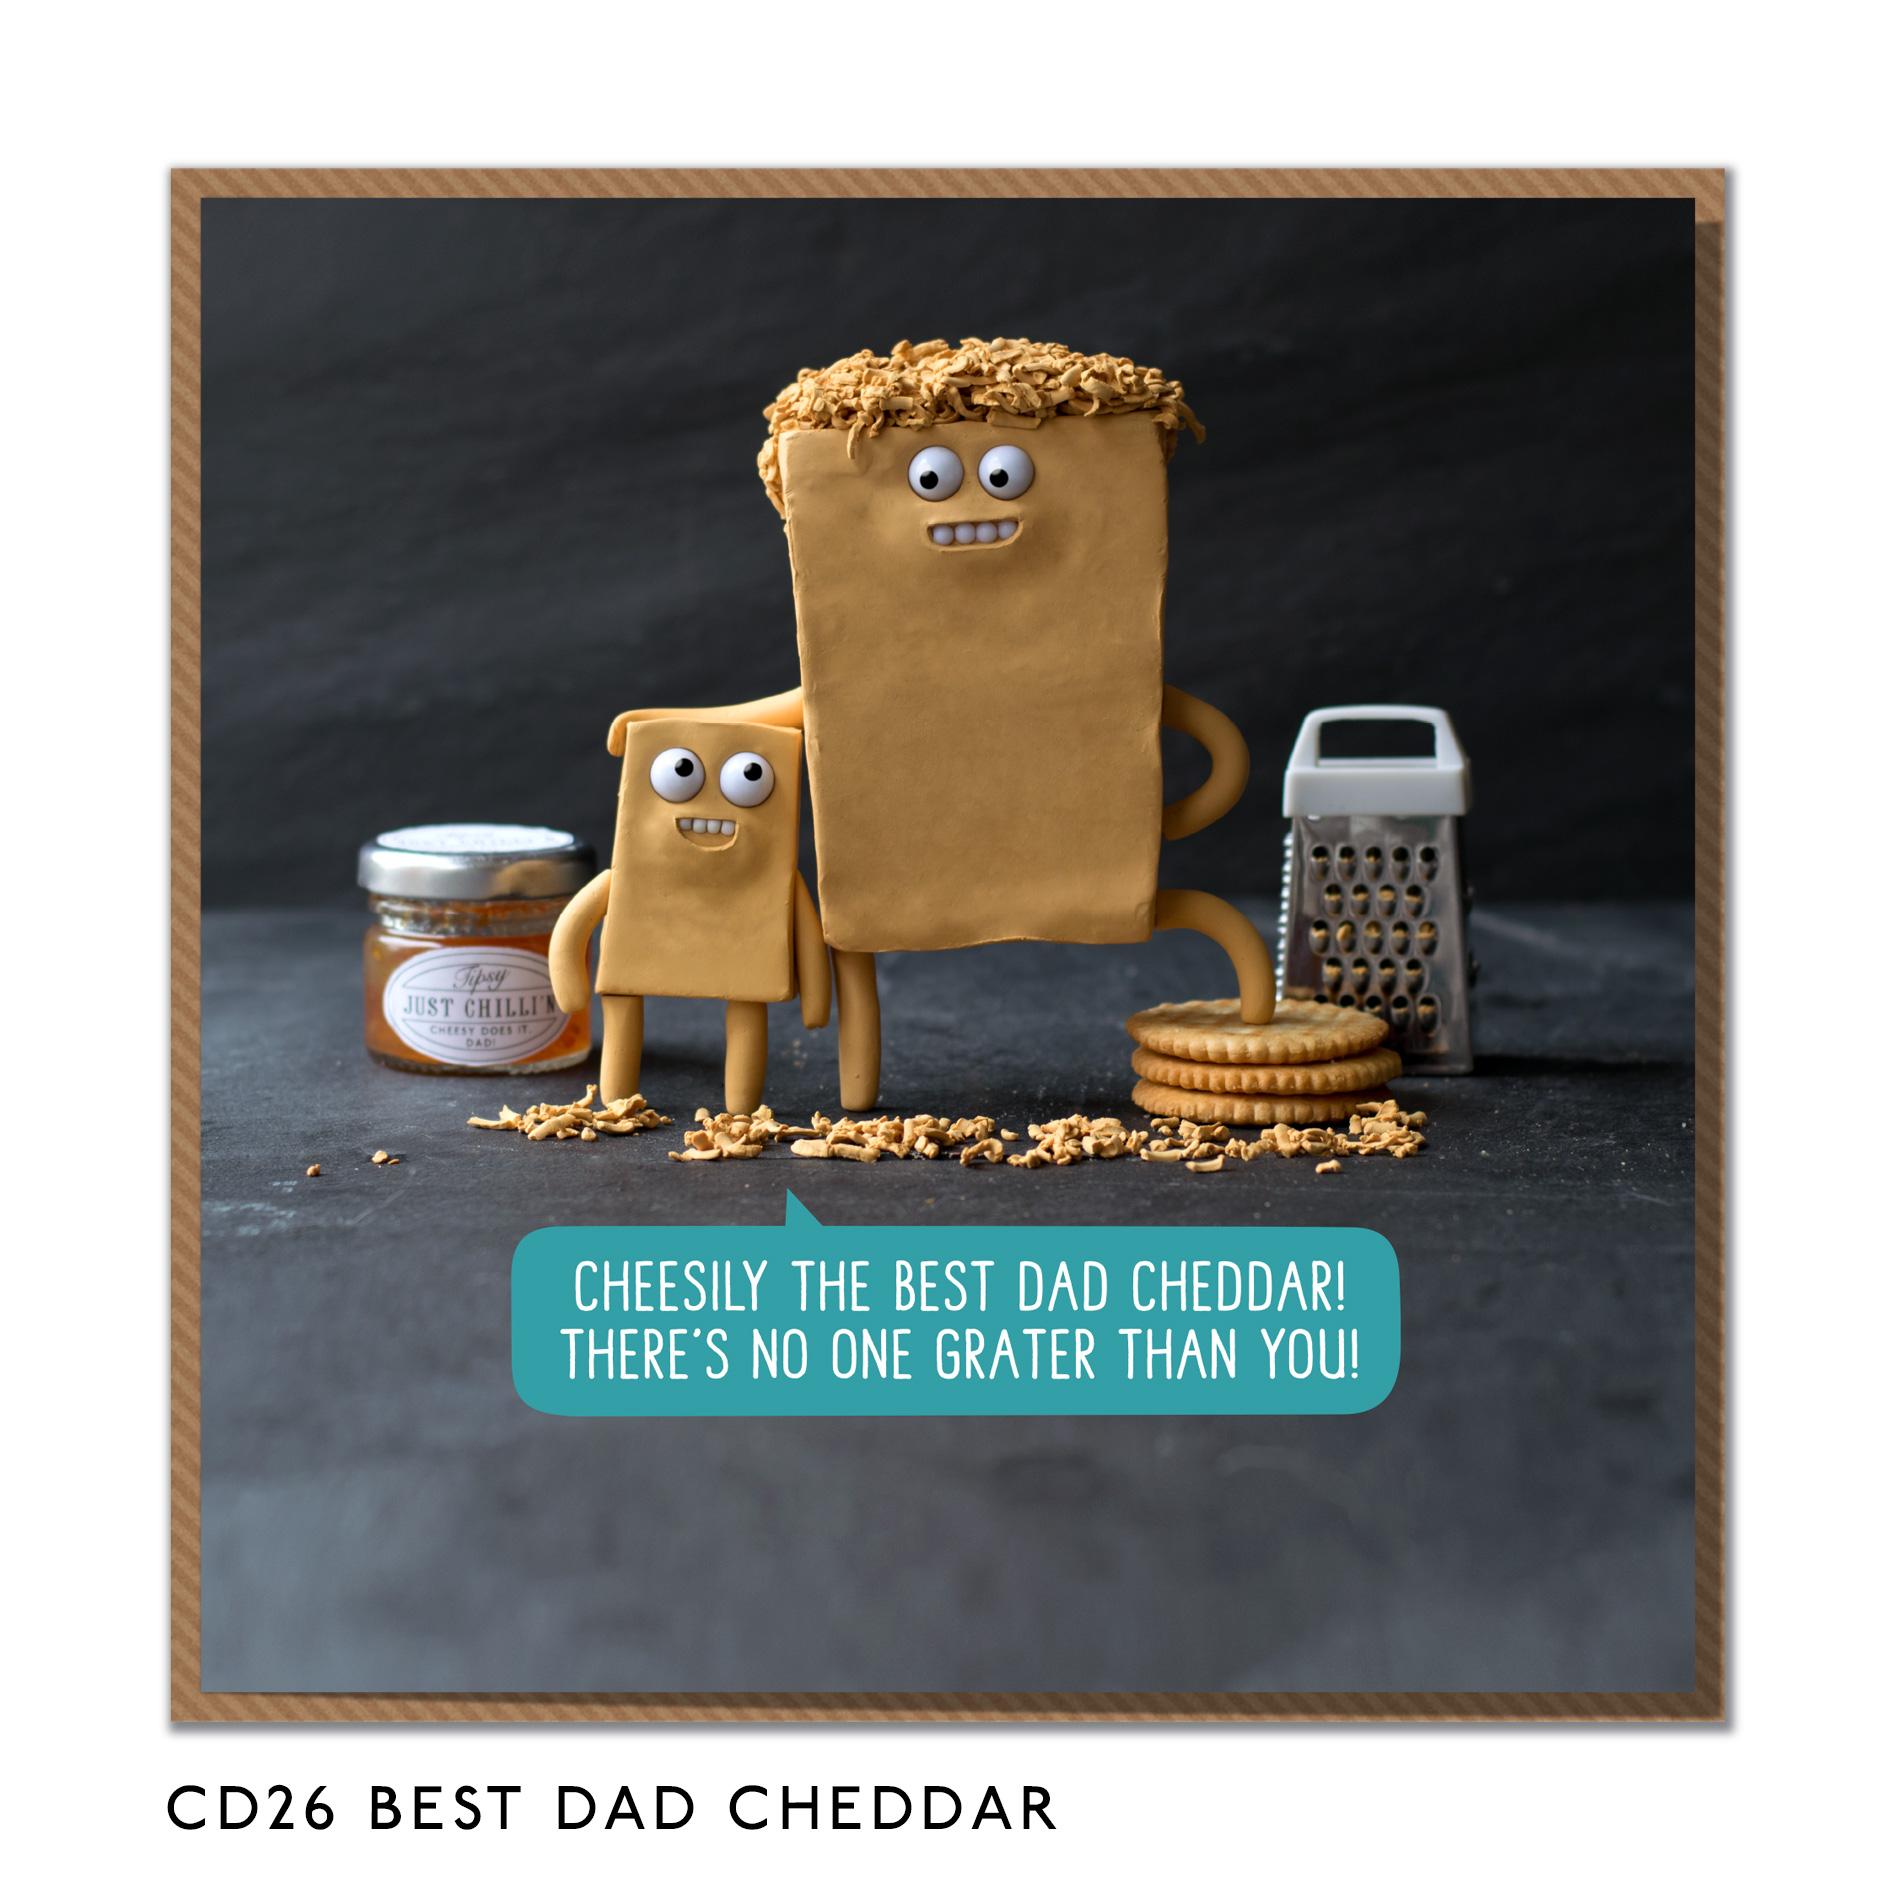 CD26-BEST-DAD-CHEDDAR2.jpg